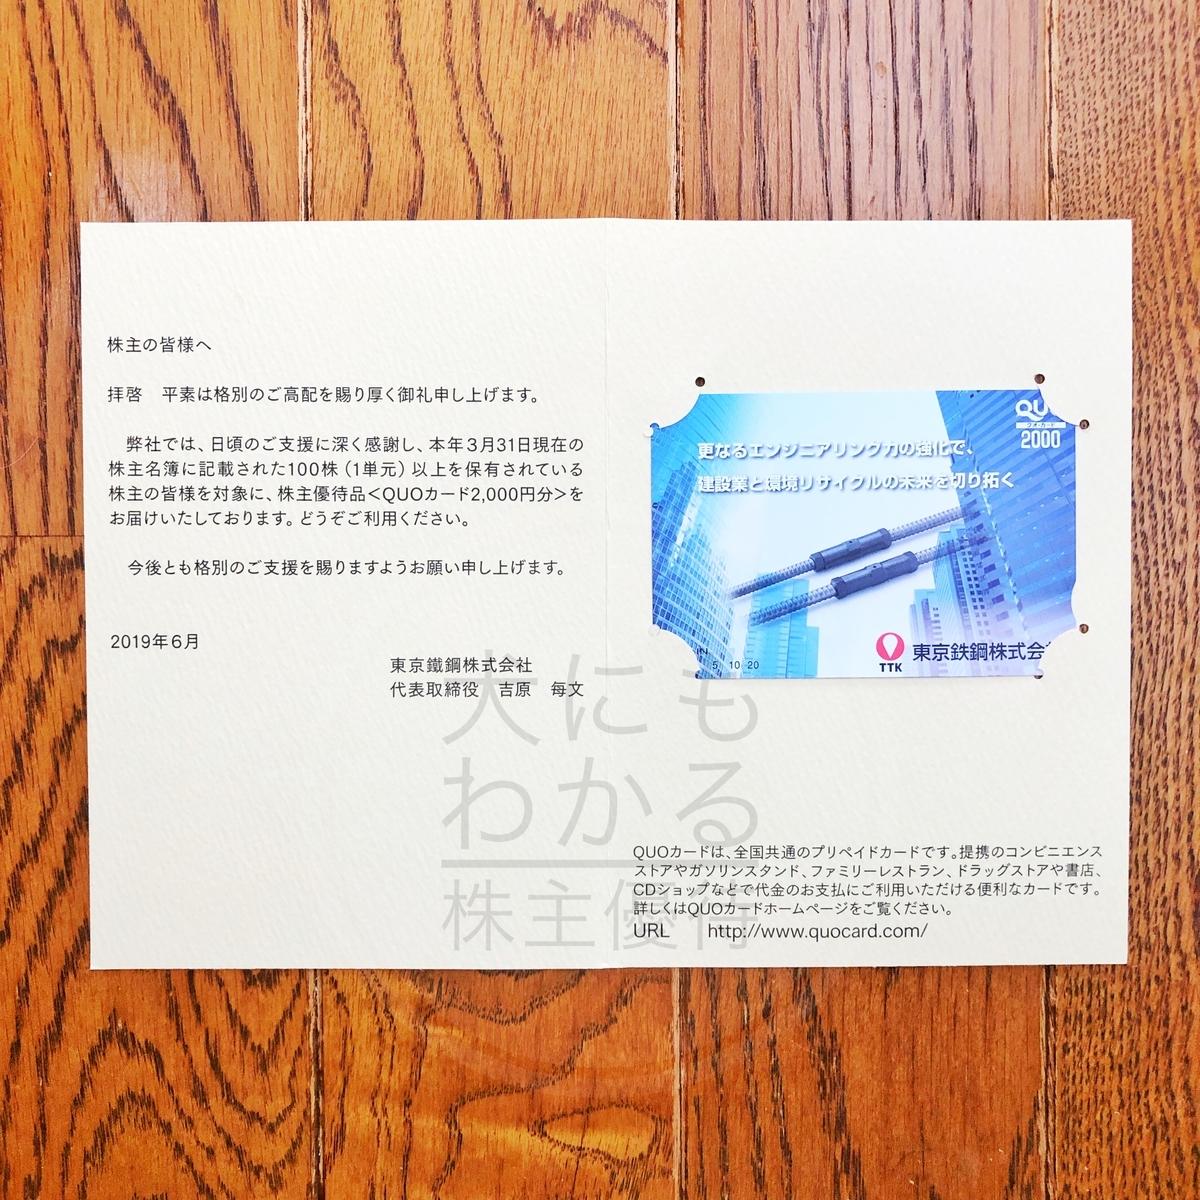 東京鉄鋼株式会社 株主優待品